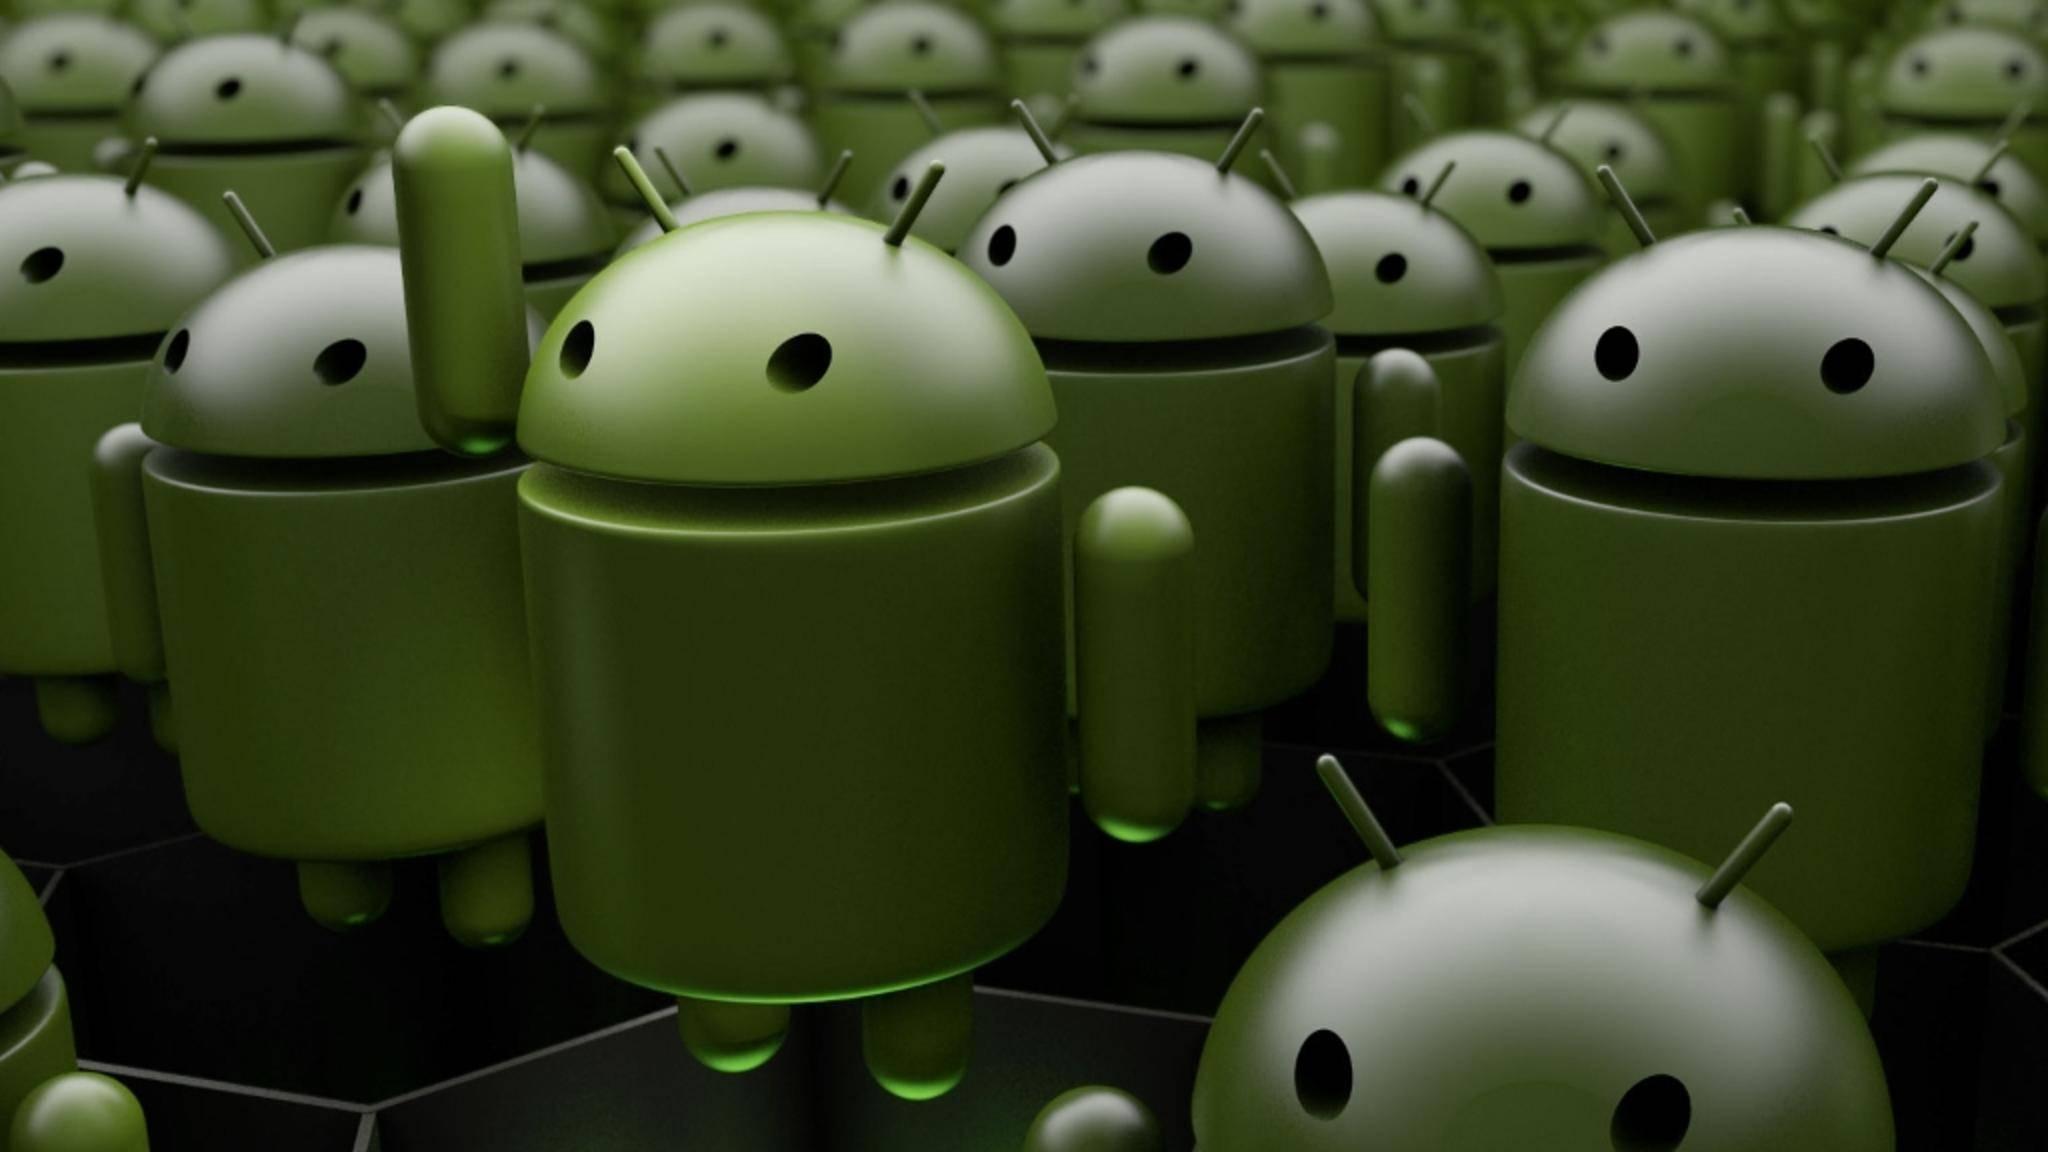 Das Erstellen und Umbenennen vorn Ordnern ist unter Android eigentlich ganz leicht.